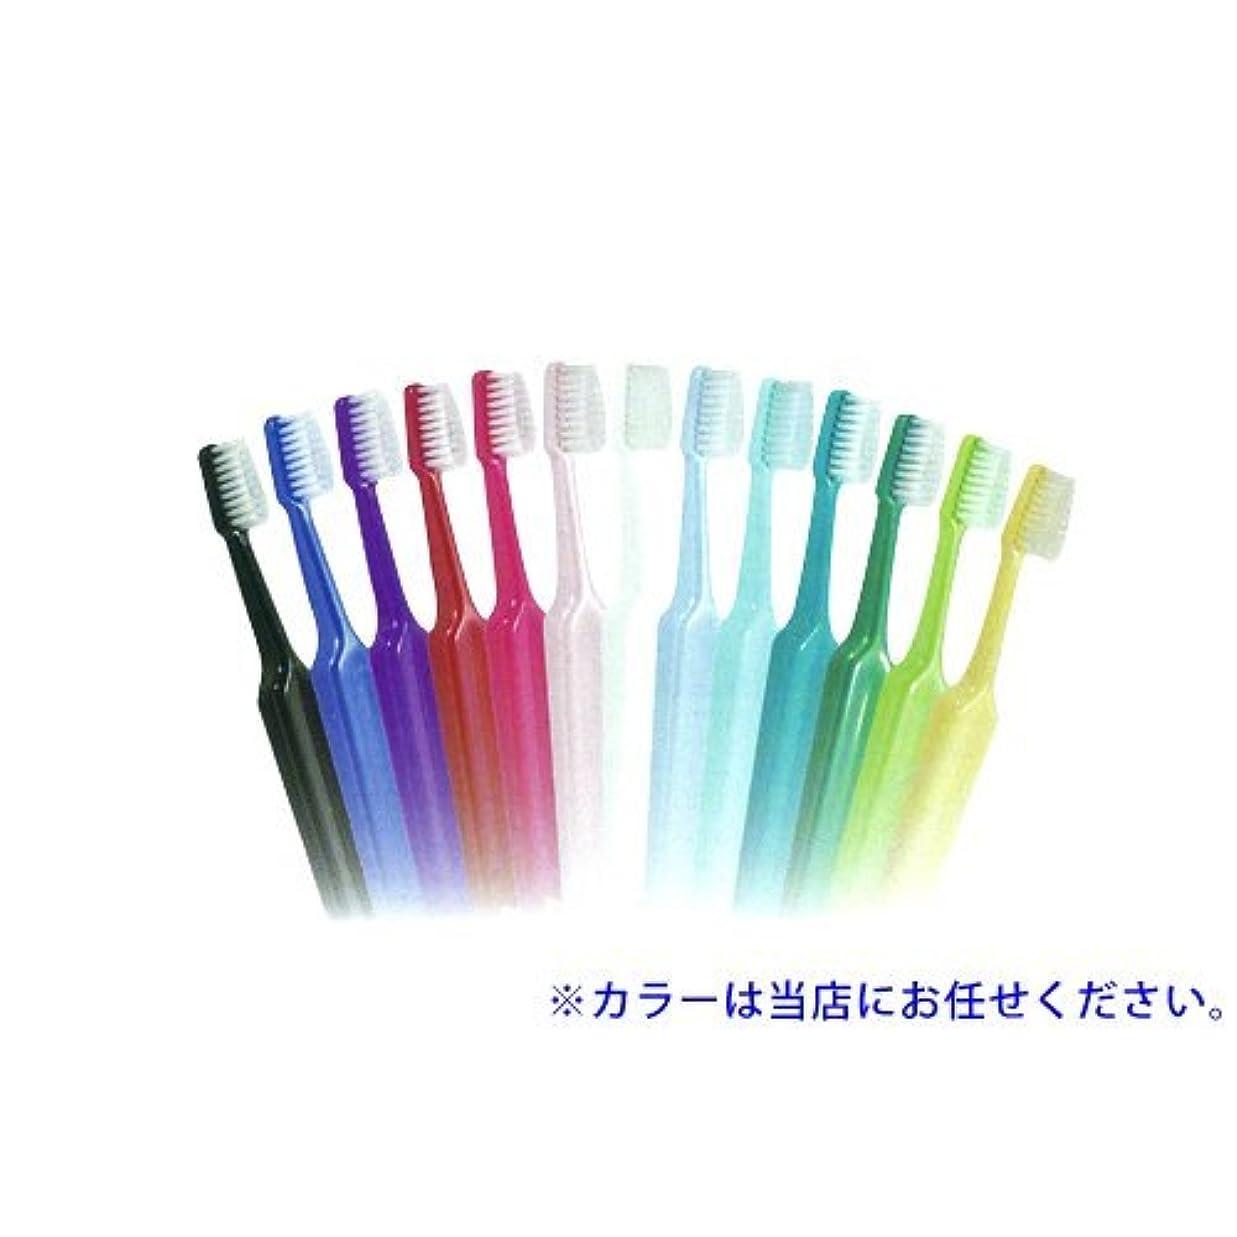 トレイ言及する愛するクロスフィールド TePe テペ セレクト 歯ブラシ 1本 ソフト